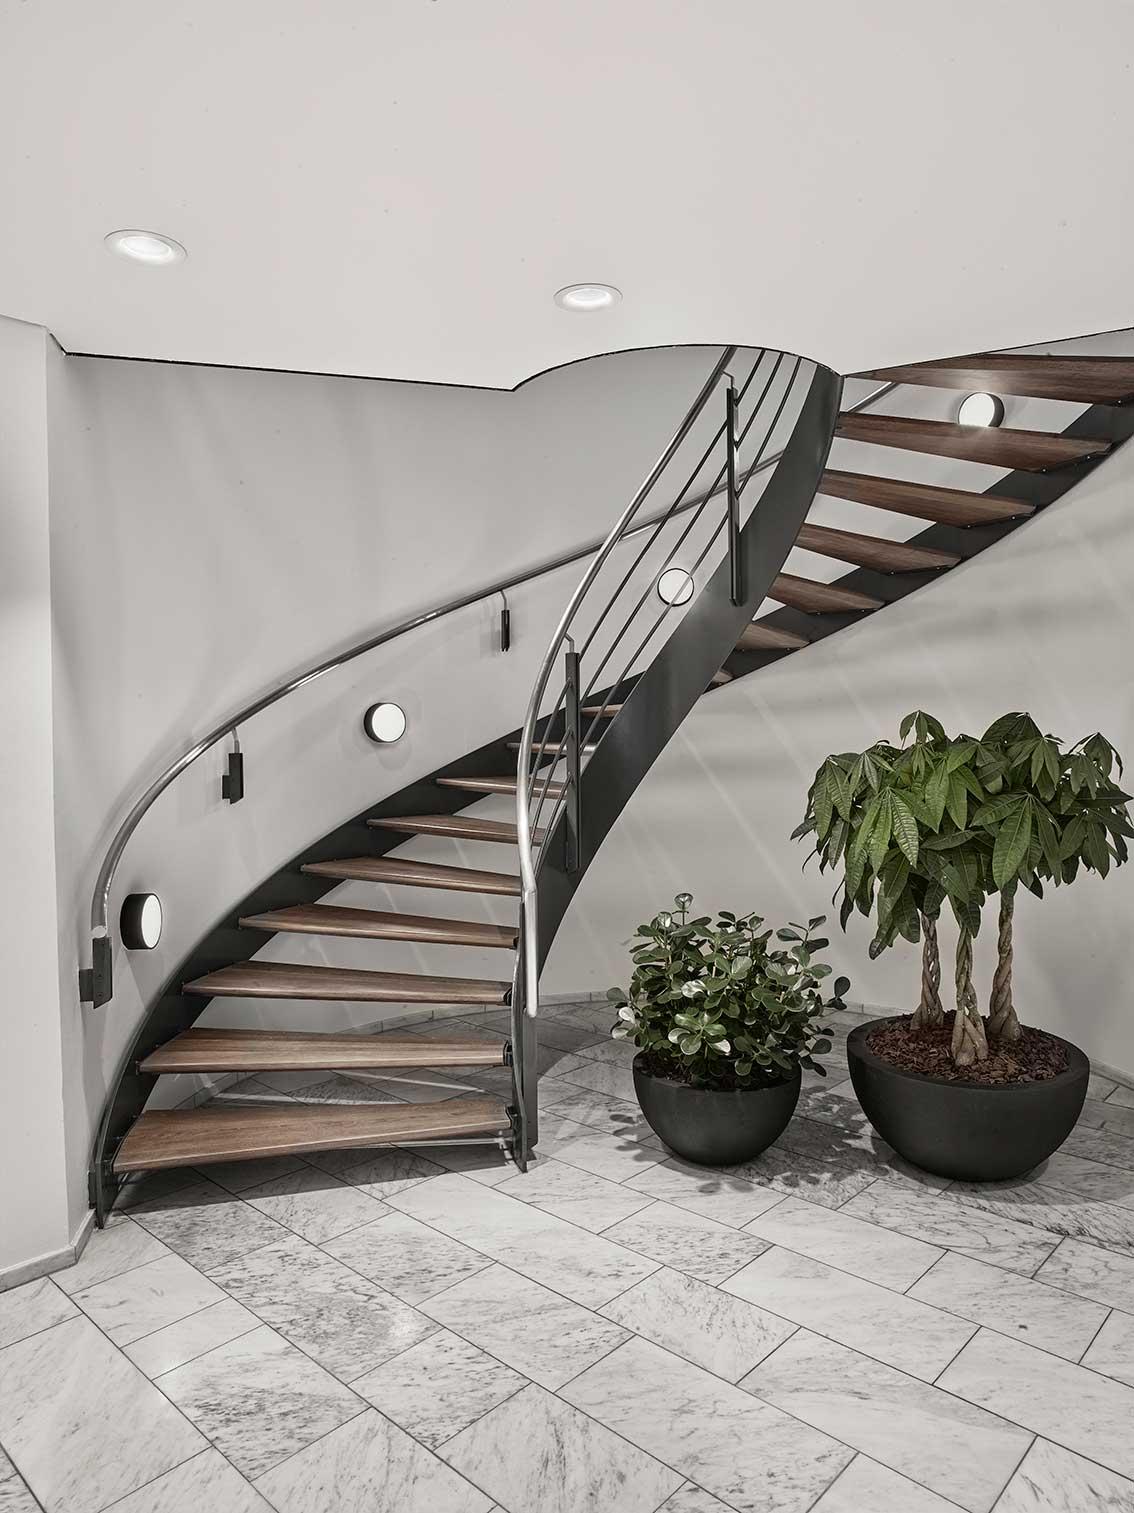 Basic Max Surface A1 lampe monteret på væg ved trappe opgang LInea DS-F - Luminex indbygget i loft